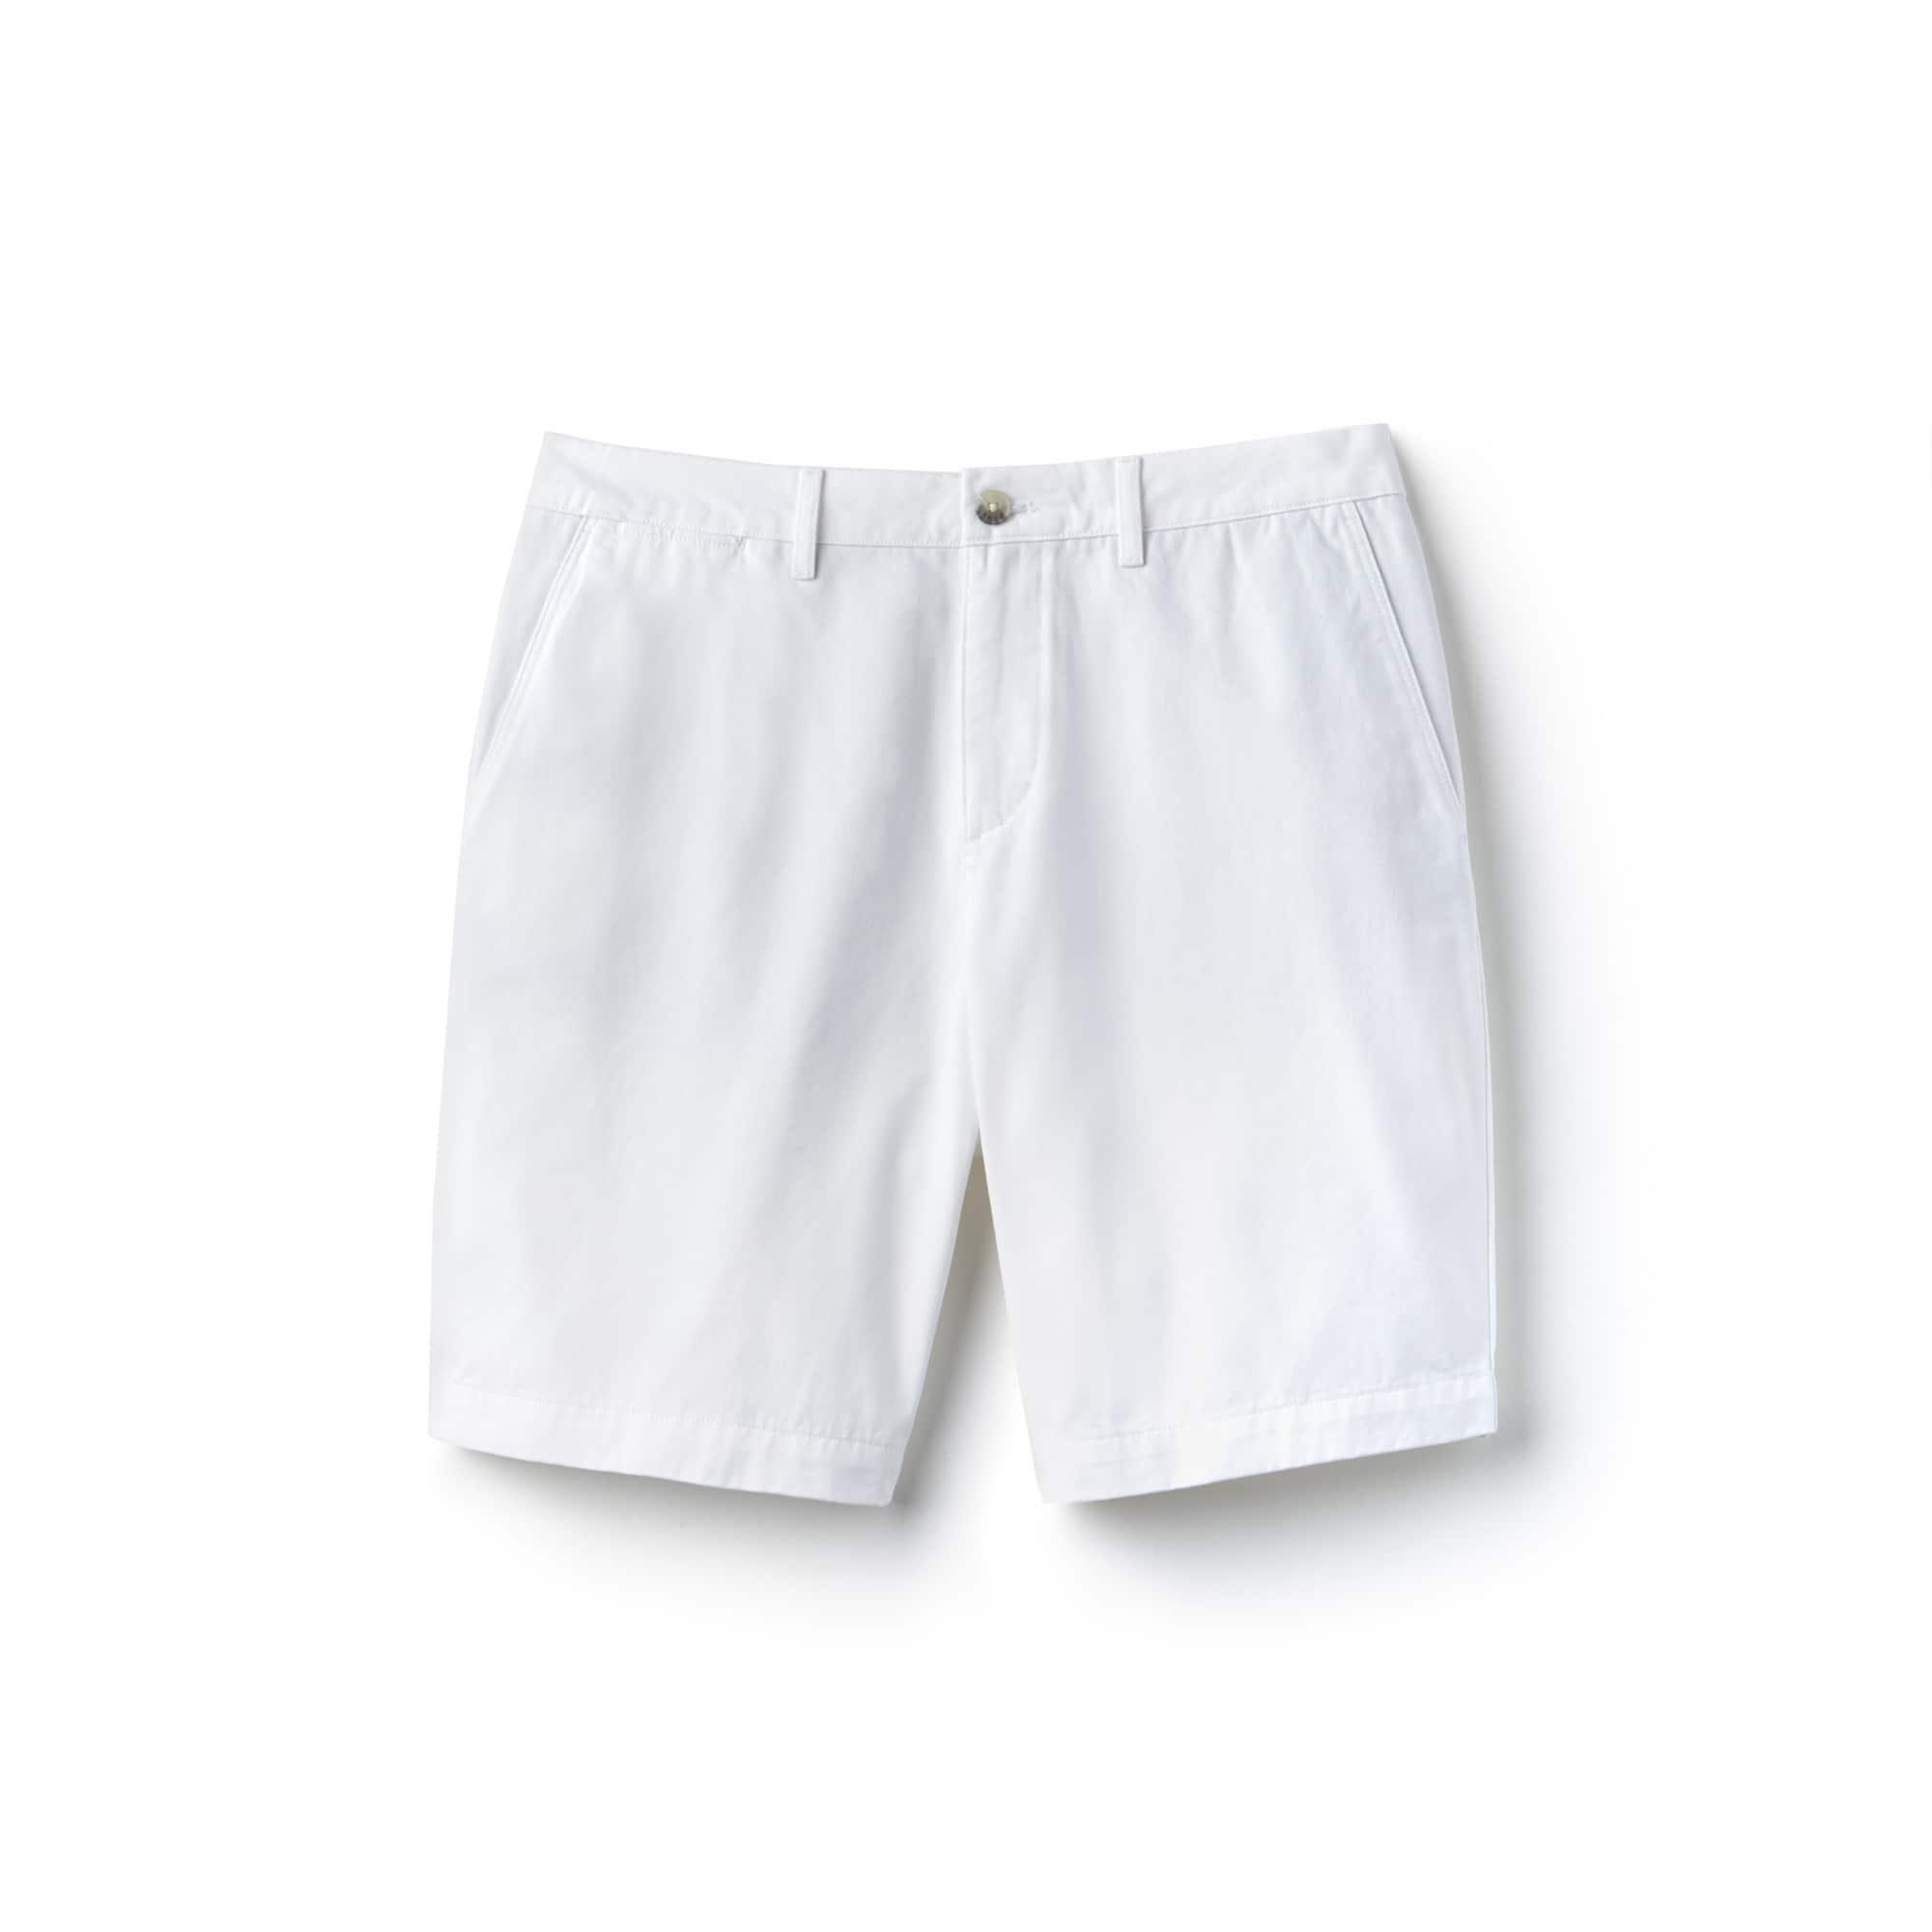 Regular Fit Herren-Bermudas aus Baumwoll-Gabardine